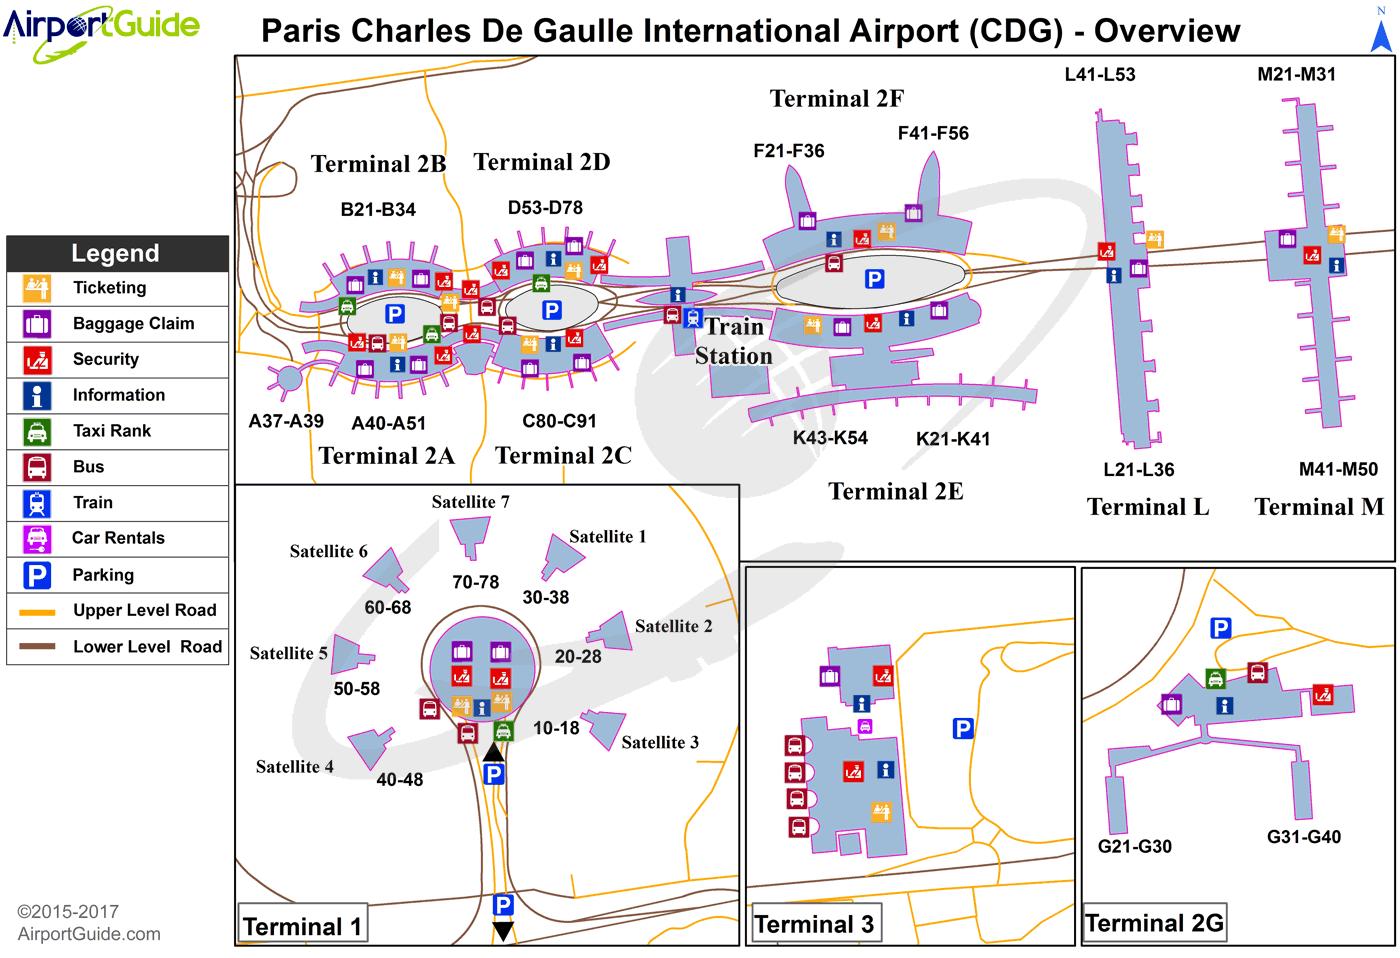 Схема аэропорта Шарль де Голль с пунктами проката автомобилей